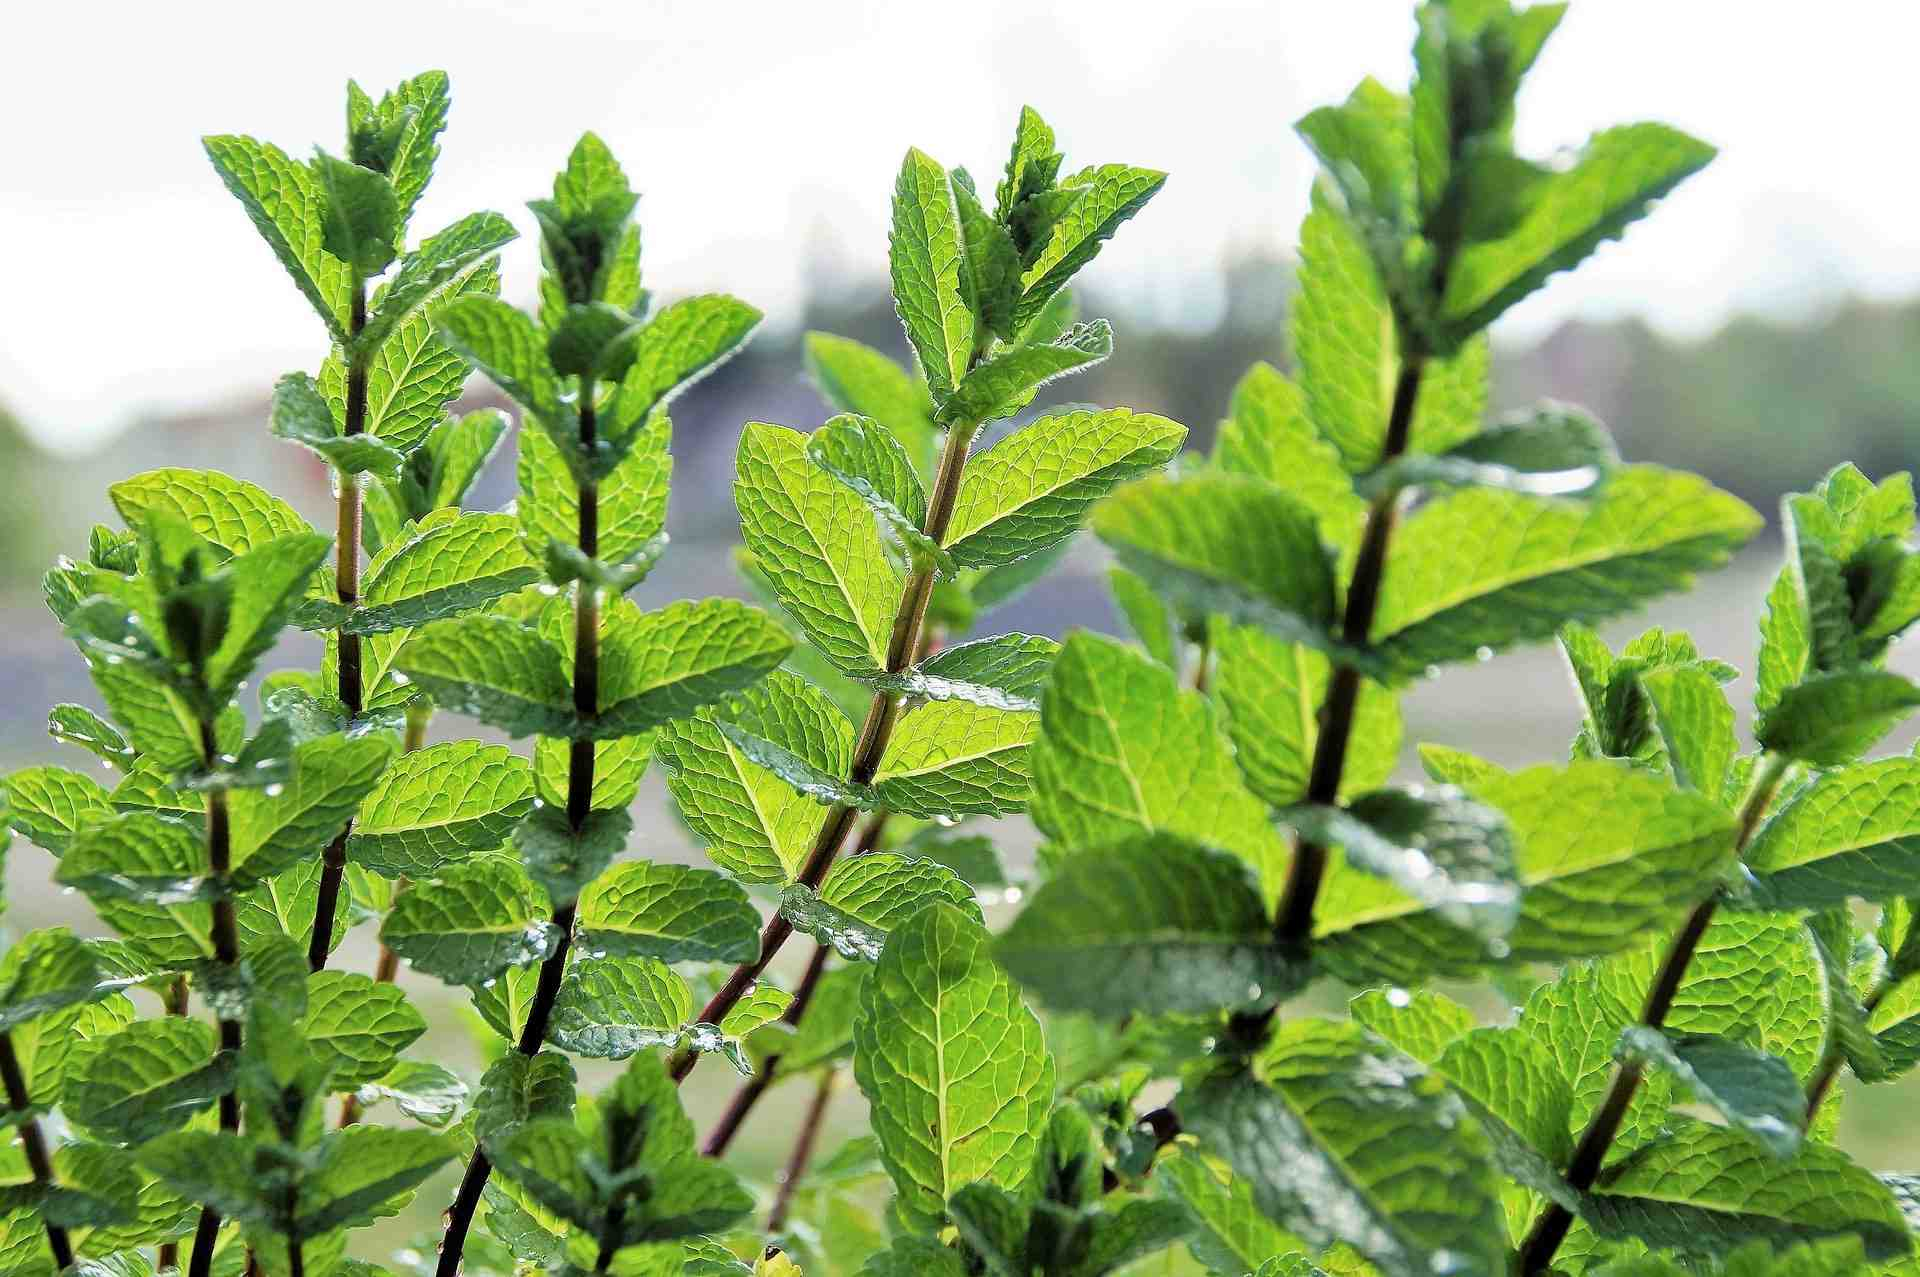 Comment conserver les feuilles vertes ?